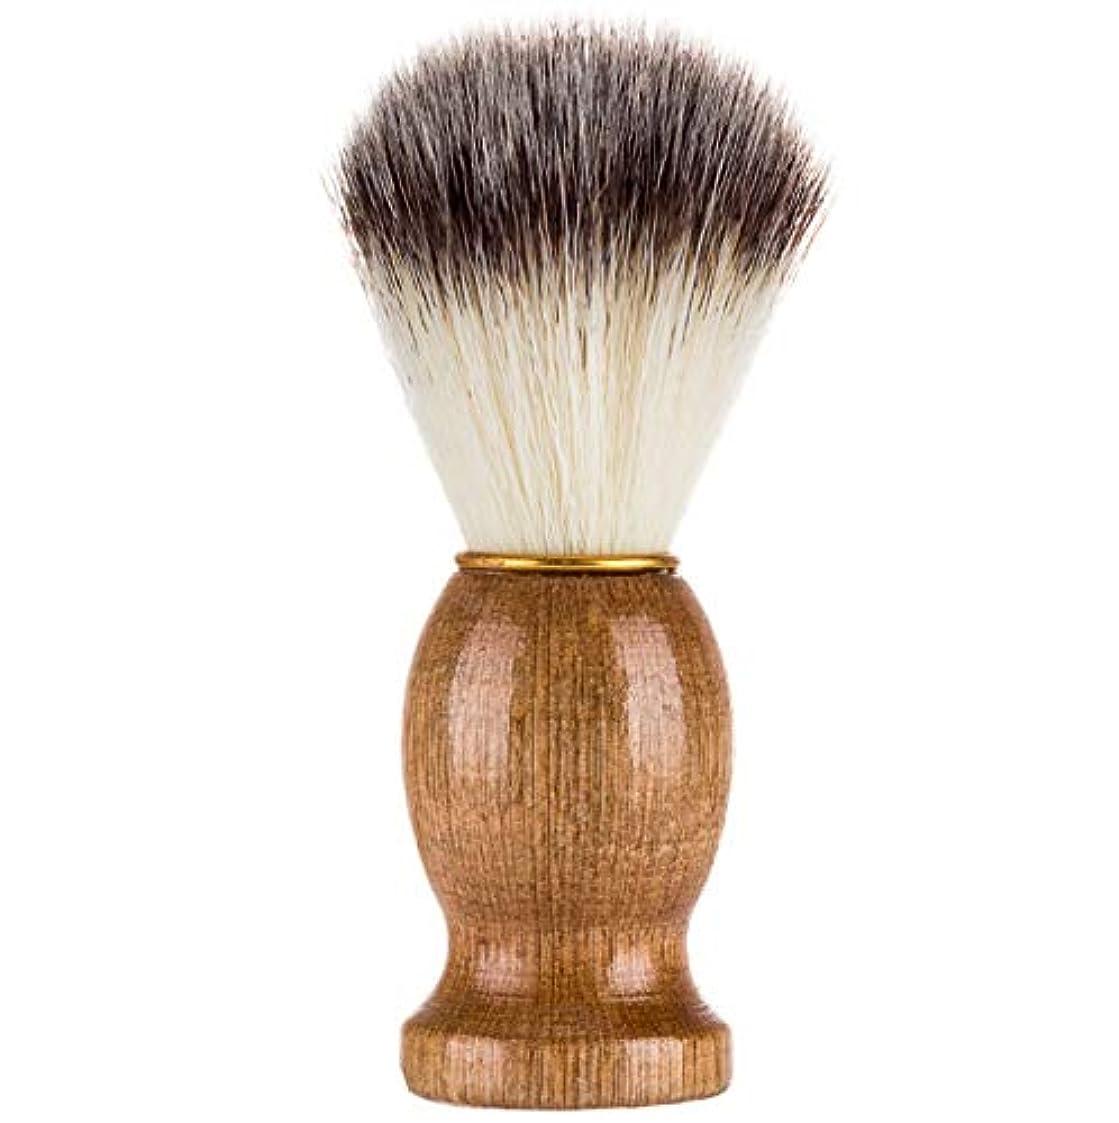 絶望スラック免疫するソフトヘアメイクブラシメンズシェービングブラシ品質剛毛新しいポータブルハイエンドひげブラシ美容ツール